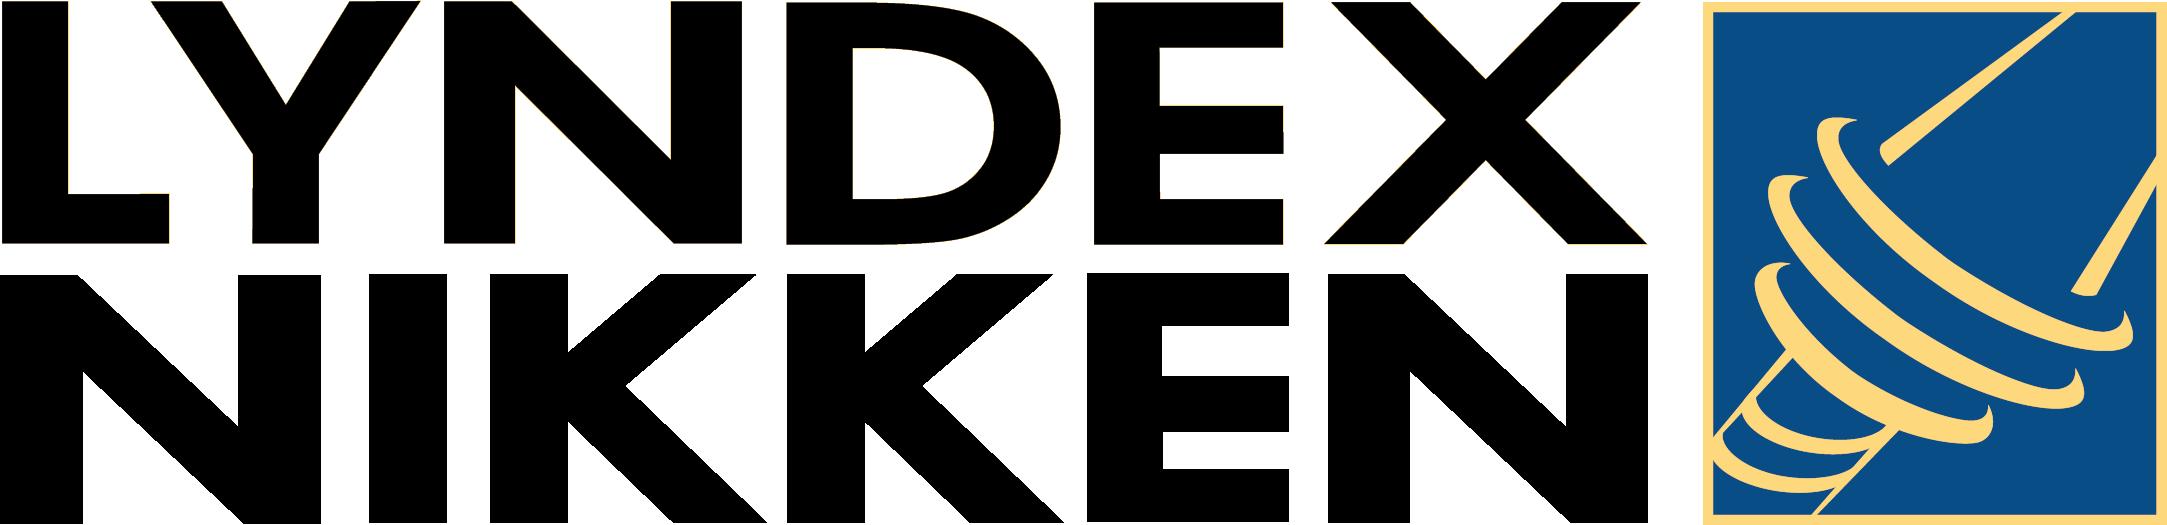 Lyndex Nikken Logo